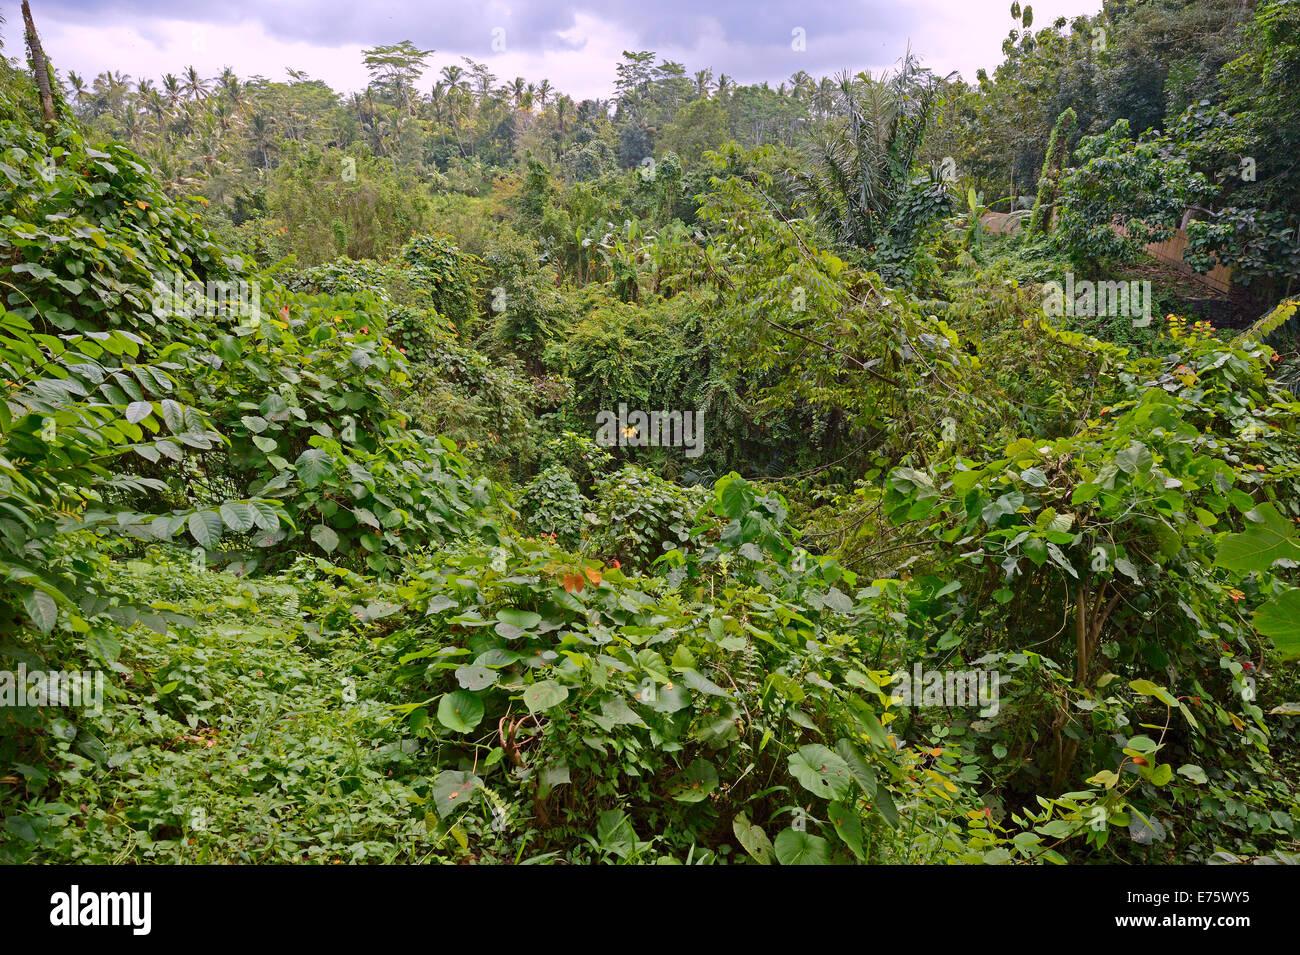 Rain forest in Ubud Monkey Forest, Ubud, Bali, Indonesia - Stock Image